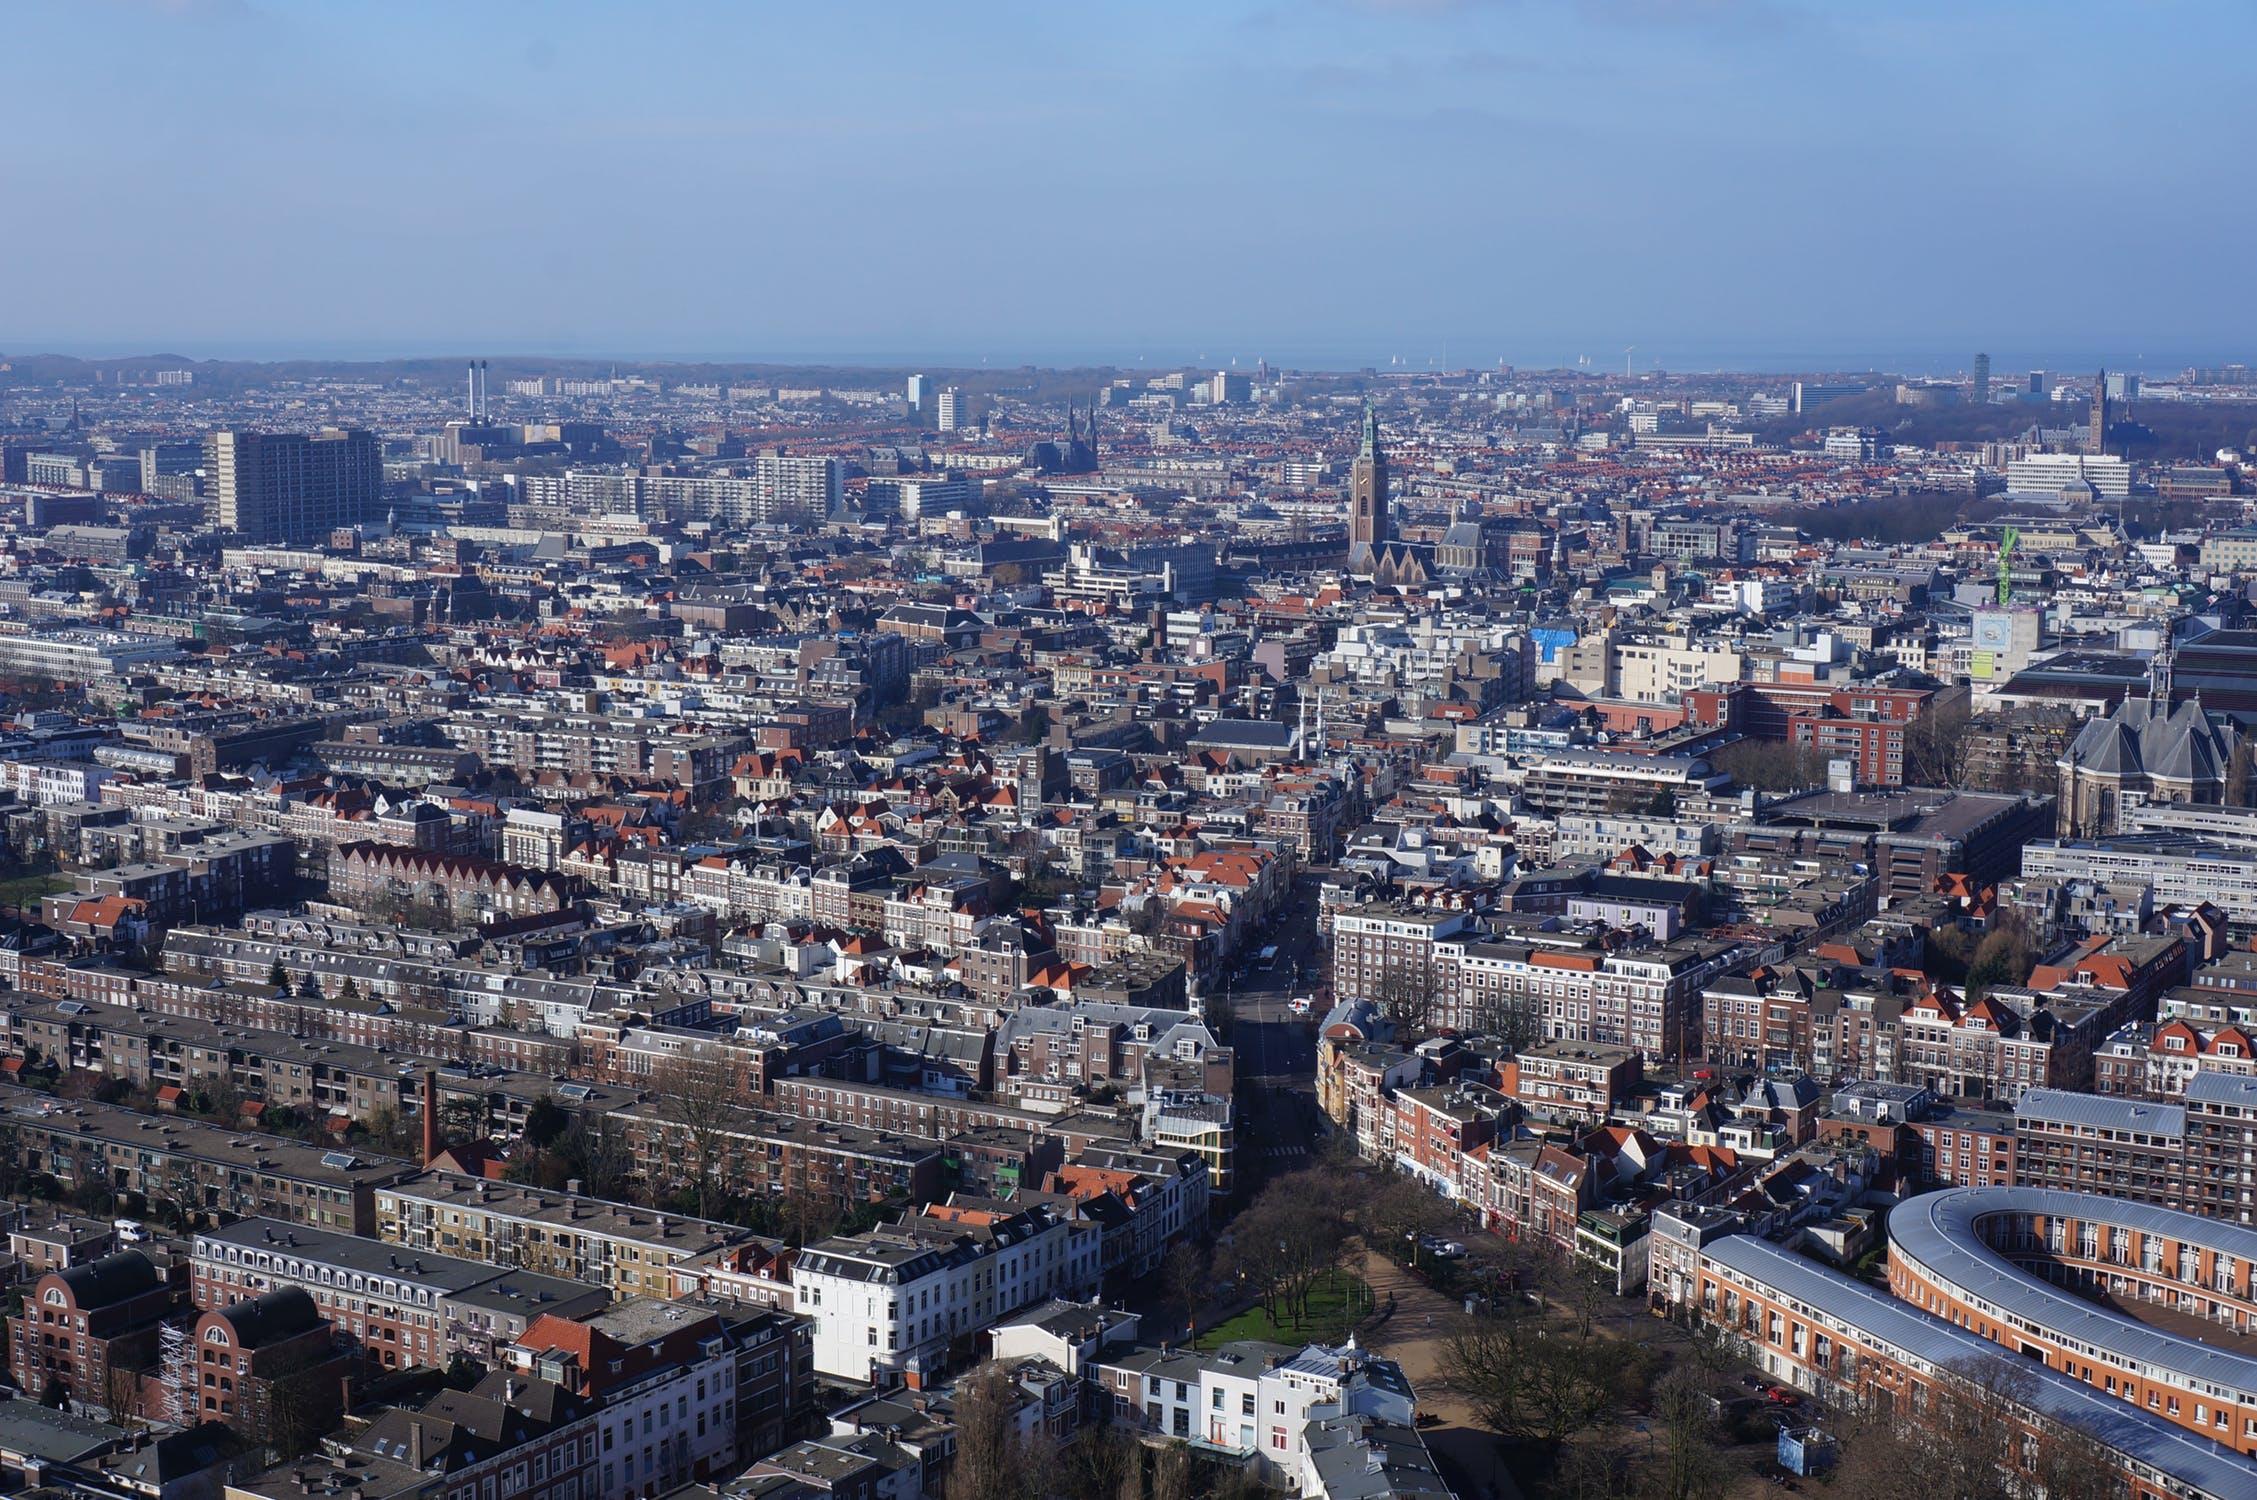 Handige tips voor verhuizing naar Den Haag